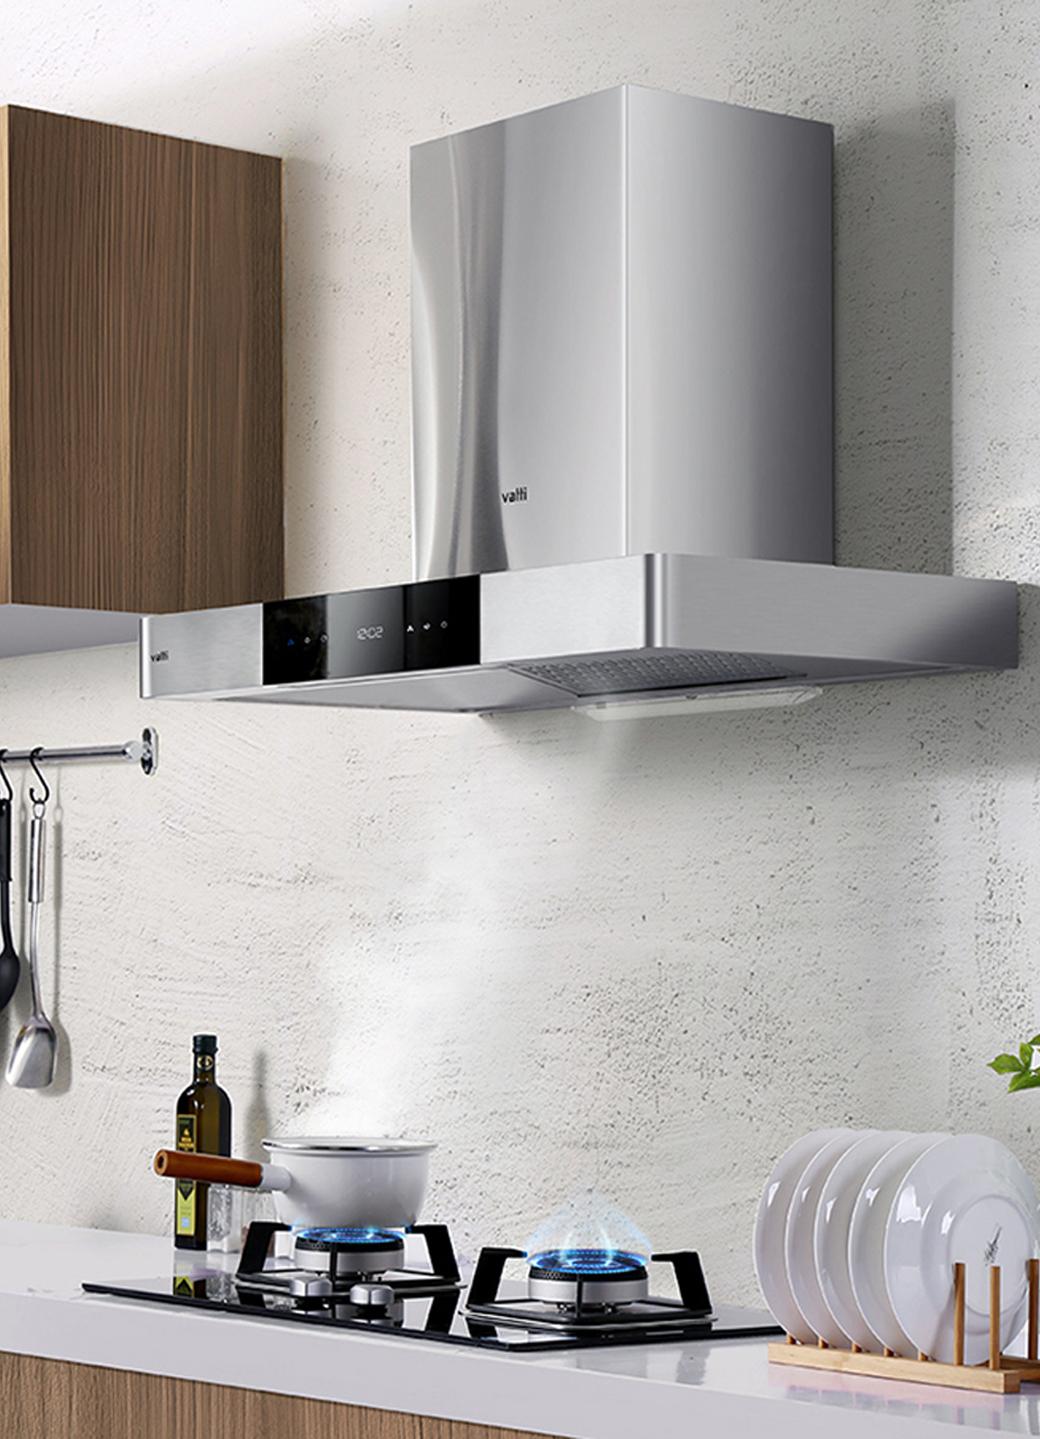 厨房装修,6件厨房好用的家电,让你提升下厨幸福感哦